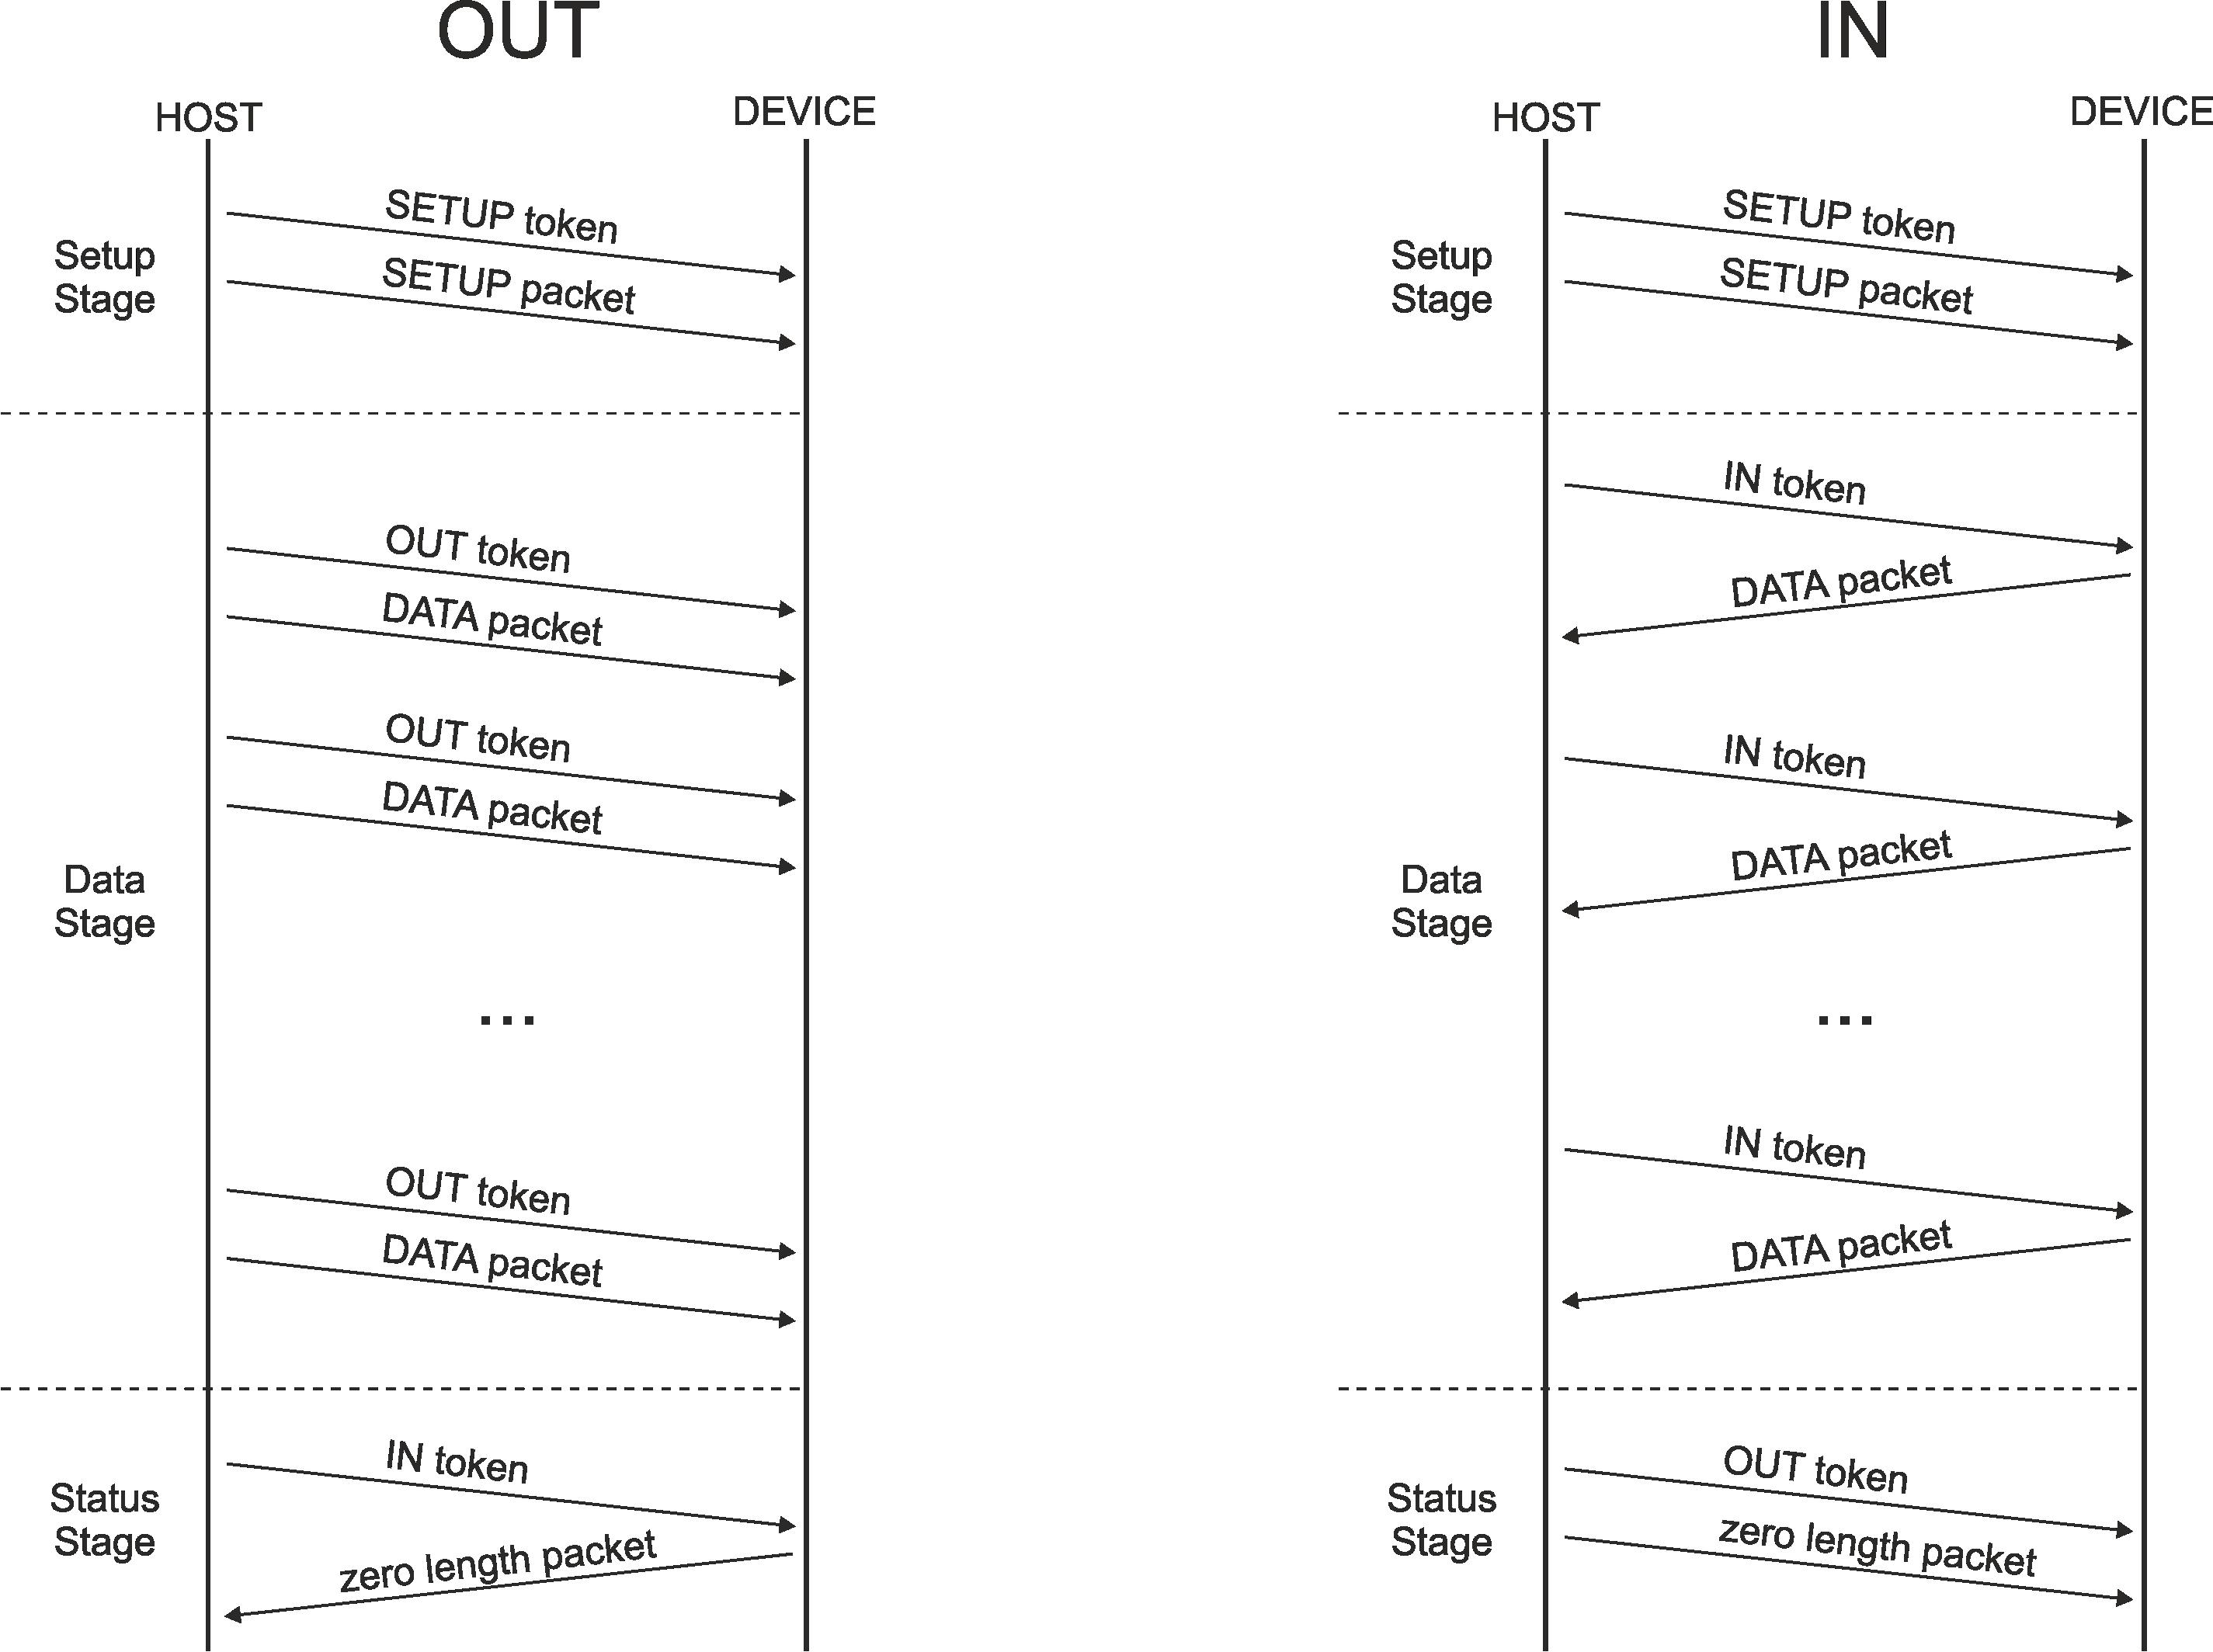 Технический анализ эксплойта checkm8 - 4